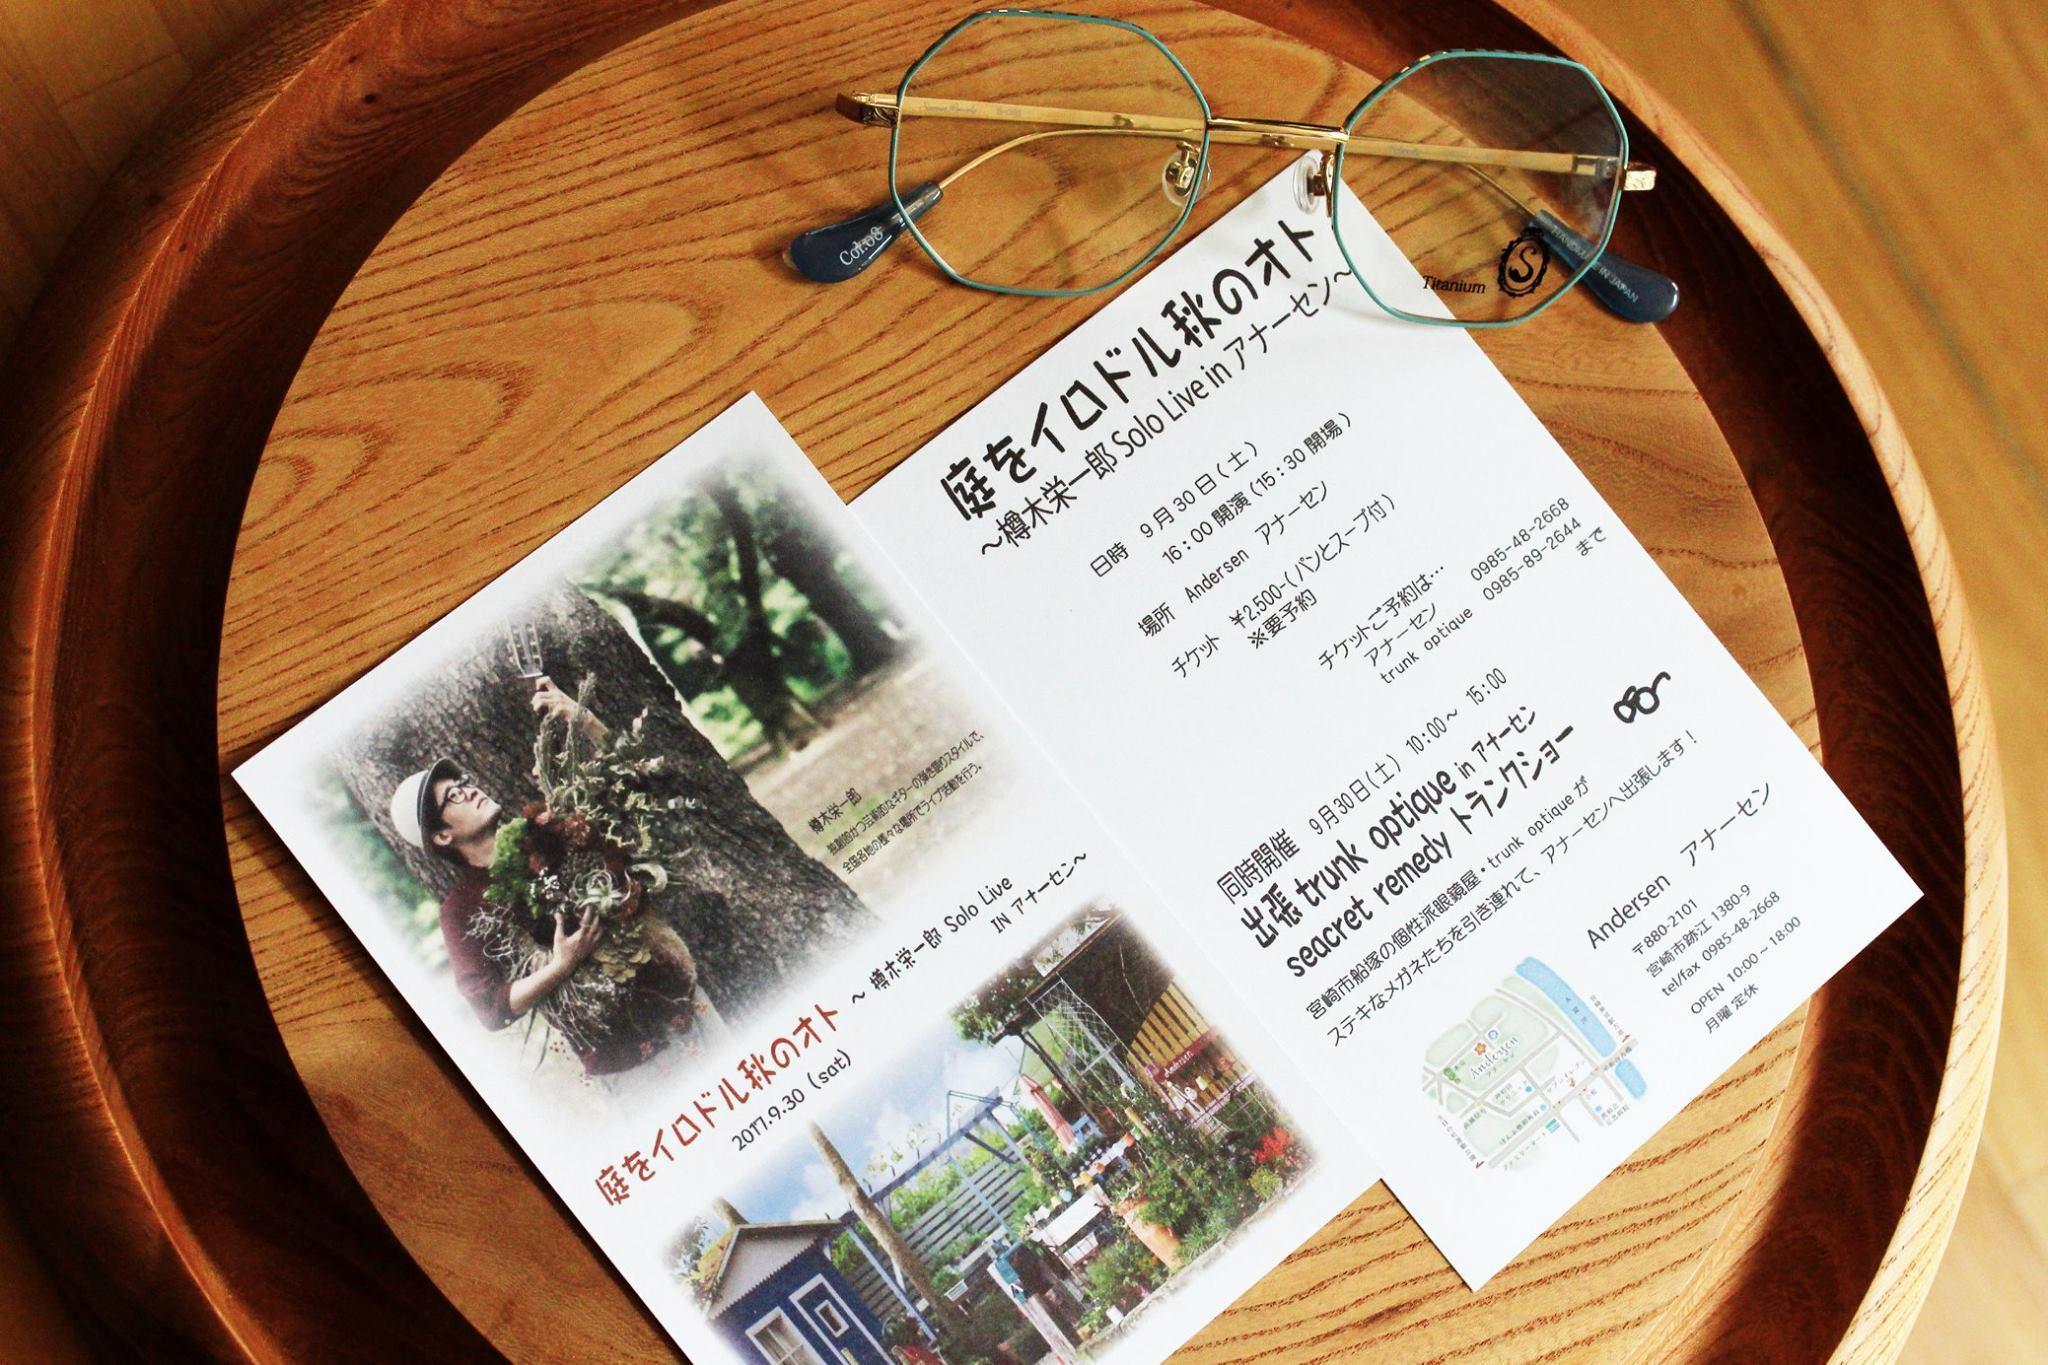 明日、30日は「樽木栄一郎ソロライブ」&メガネイベント・・・・最高の天気になりそう_b0137969_06564083.jpg